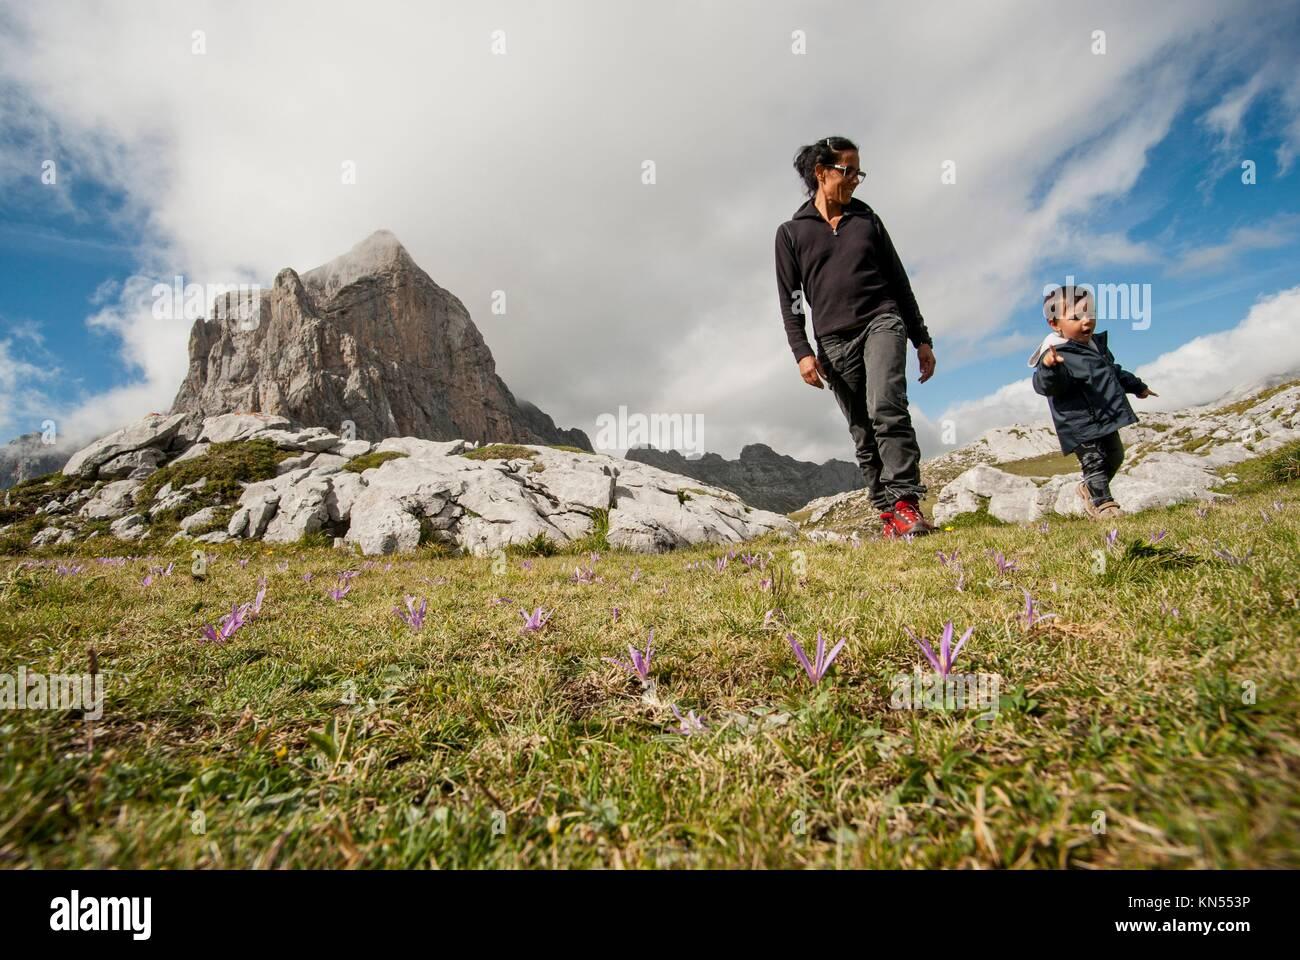 Fuente Dé. National Park Picos de Europa. Cantabria. Spain. - Stock Image